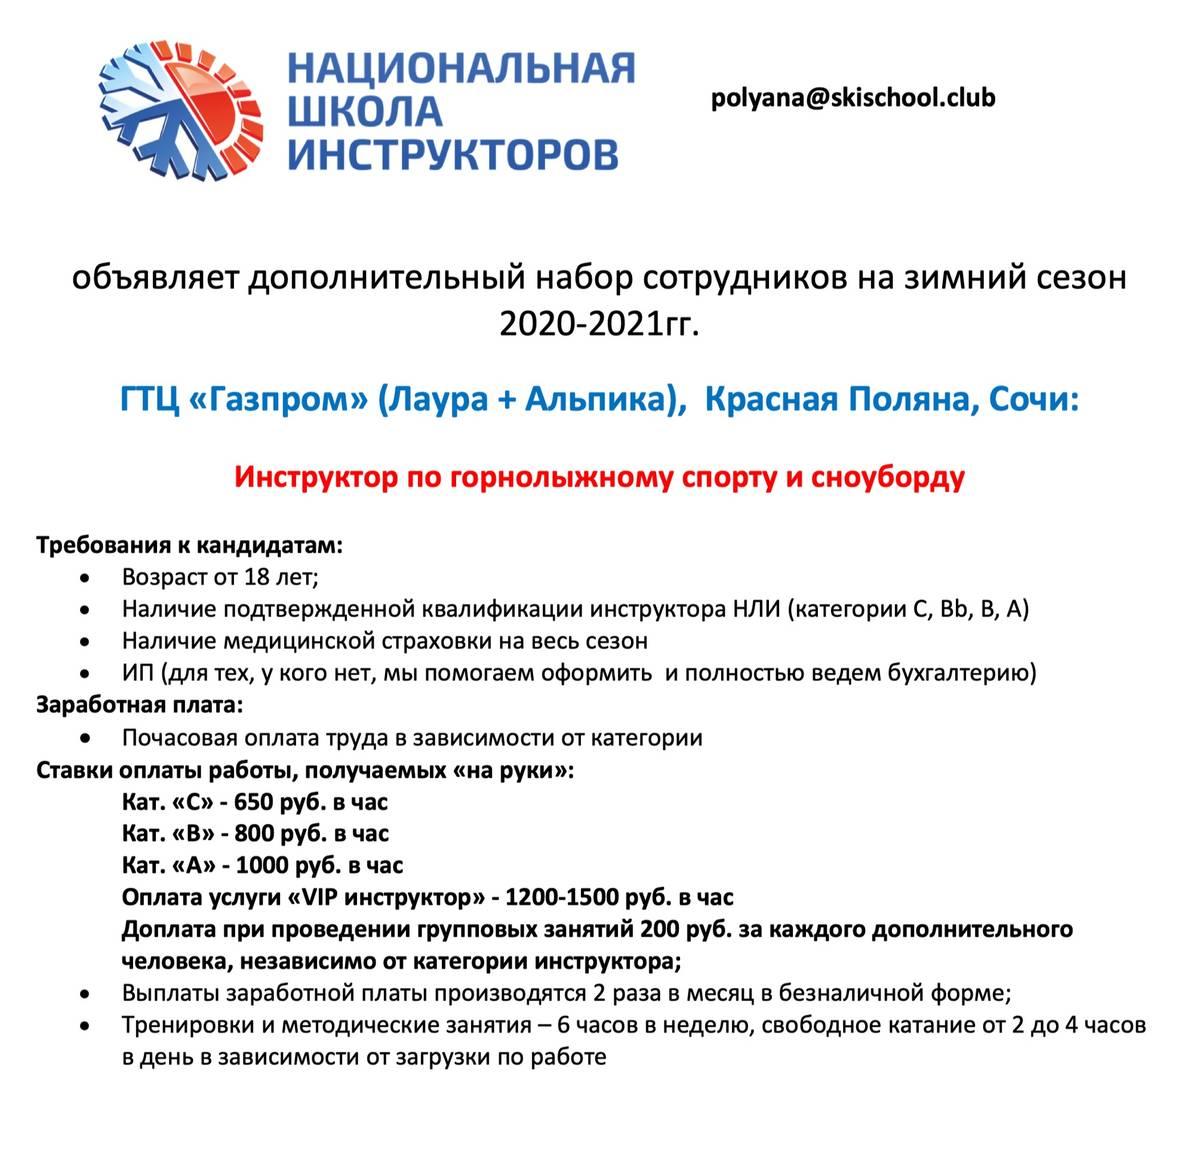 В этой школе инструктору платят 650—1000<span class=ruble>Р</span> в час. Вакансия с сайта Национальной лиги инструкторов